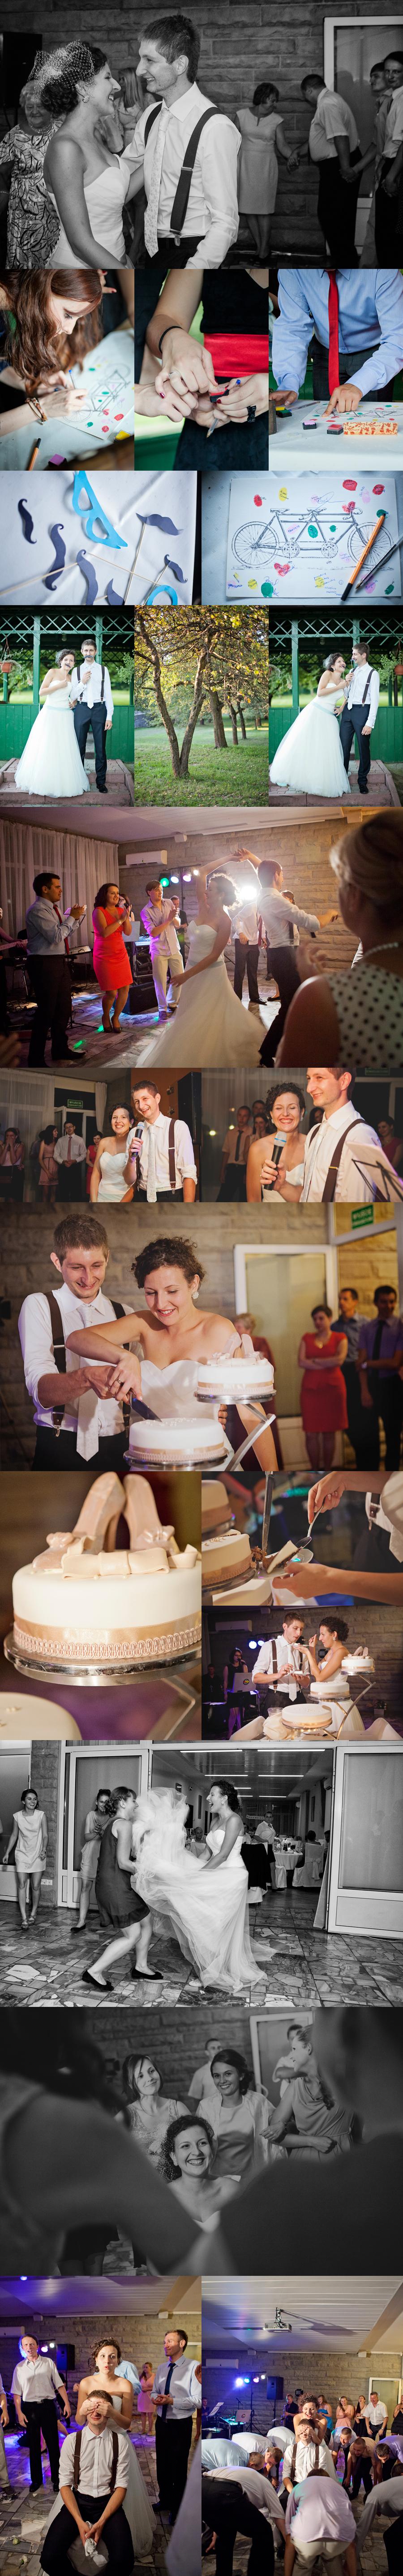 reportaż ze ślubu - zdjęia Pani Fotograf